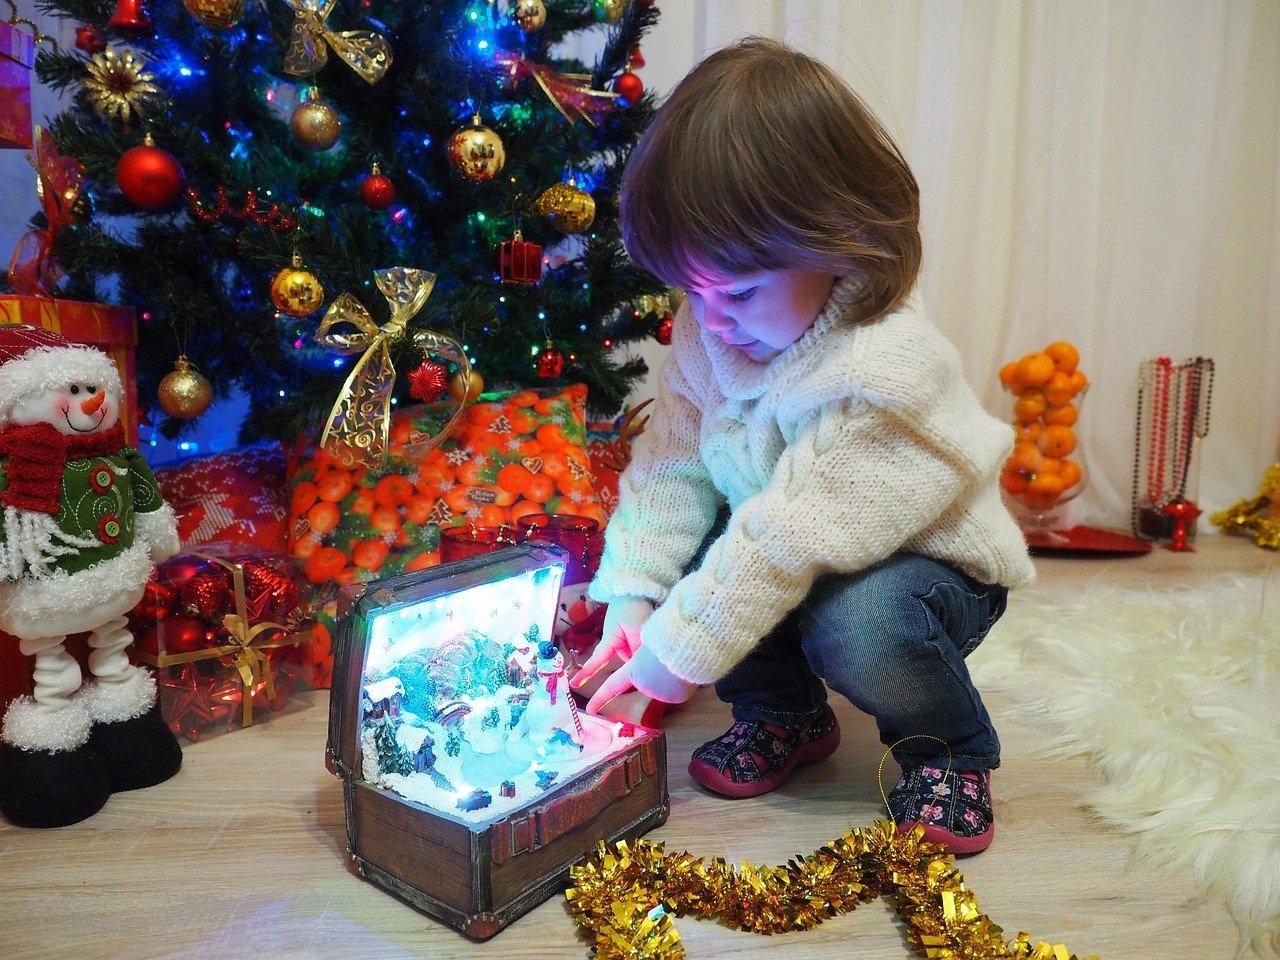 фото Выключаем «Голубой огонёк»: 5 взрывных идей домашнего Нового года от профессиональных ведущих 3